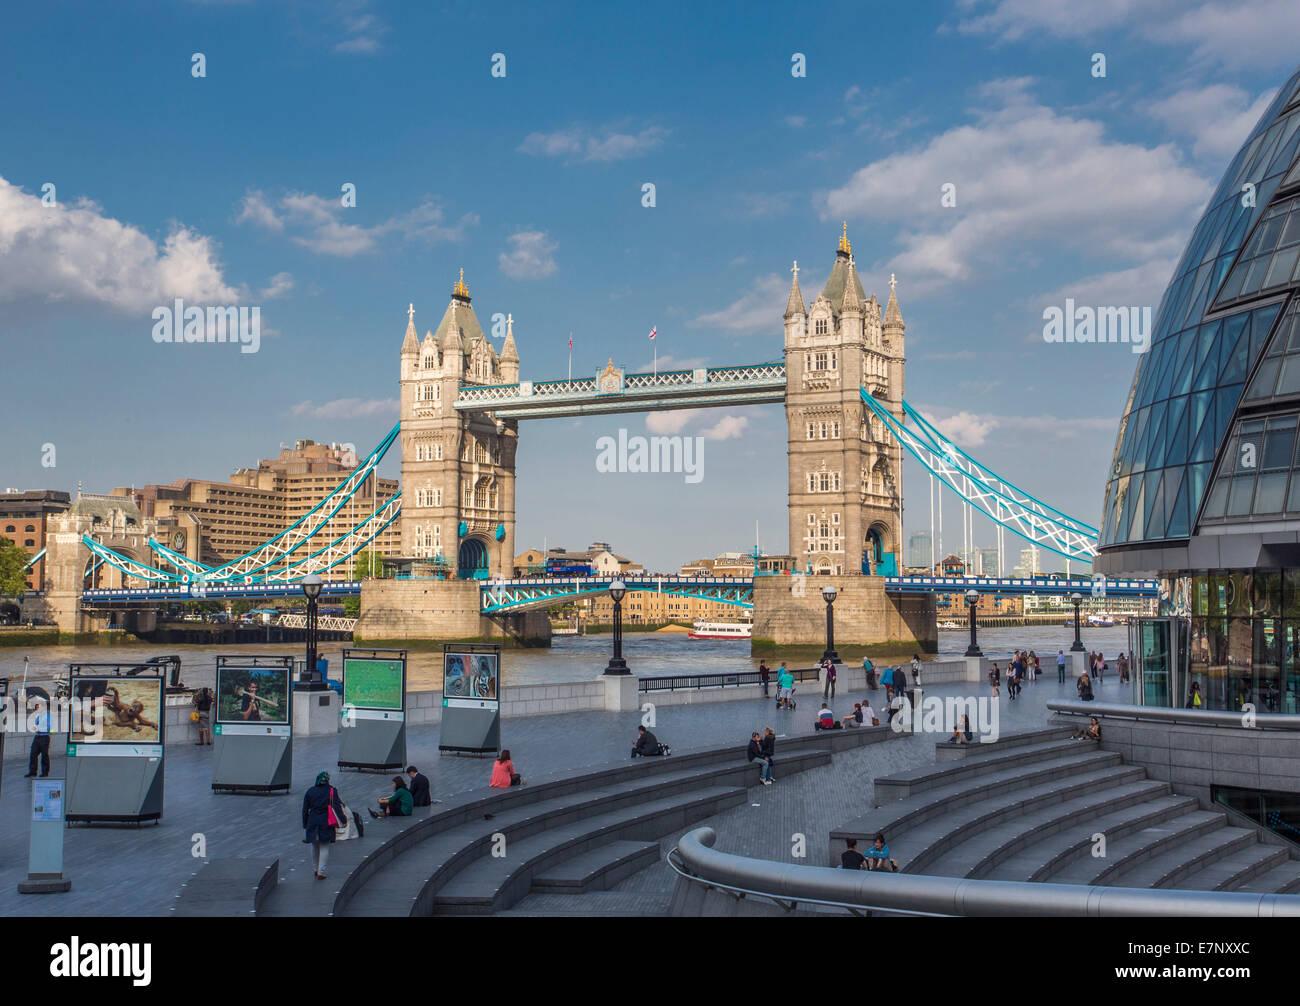 City London England UK Architecture Bridge Famous River Tourism Travel Tower